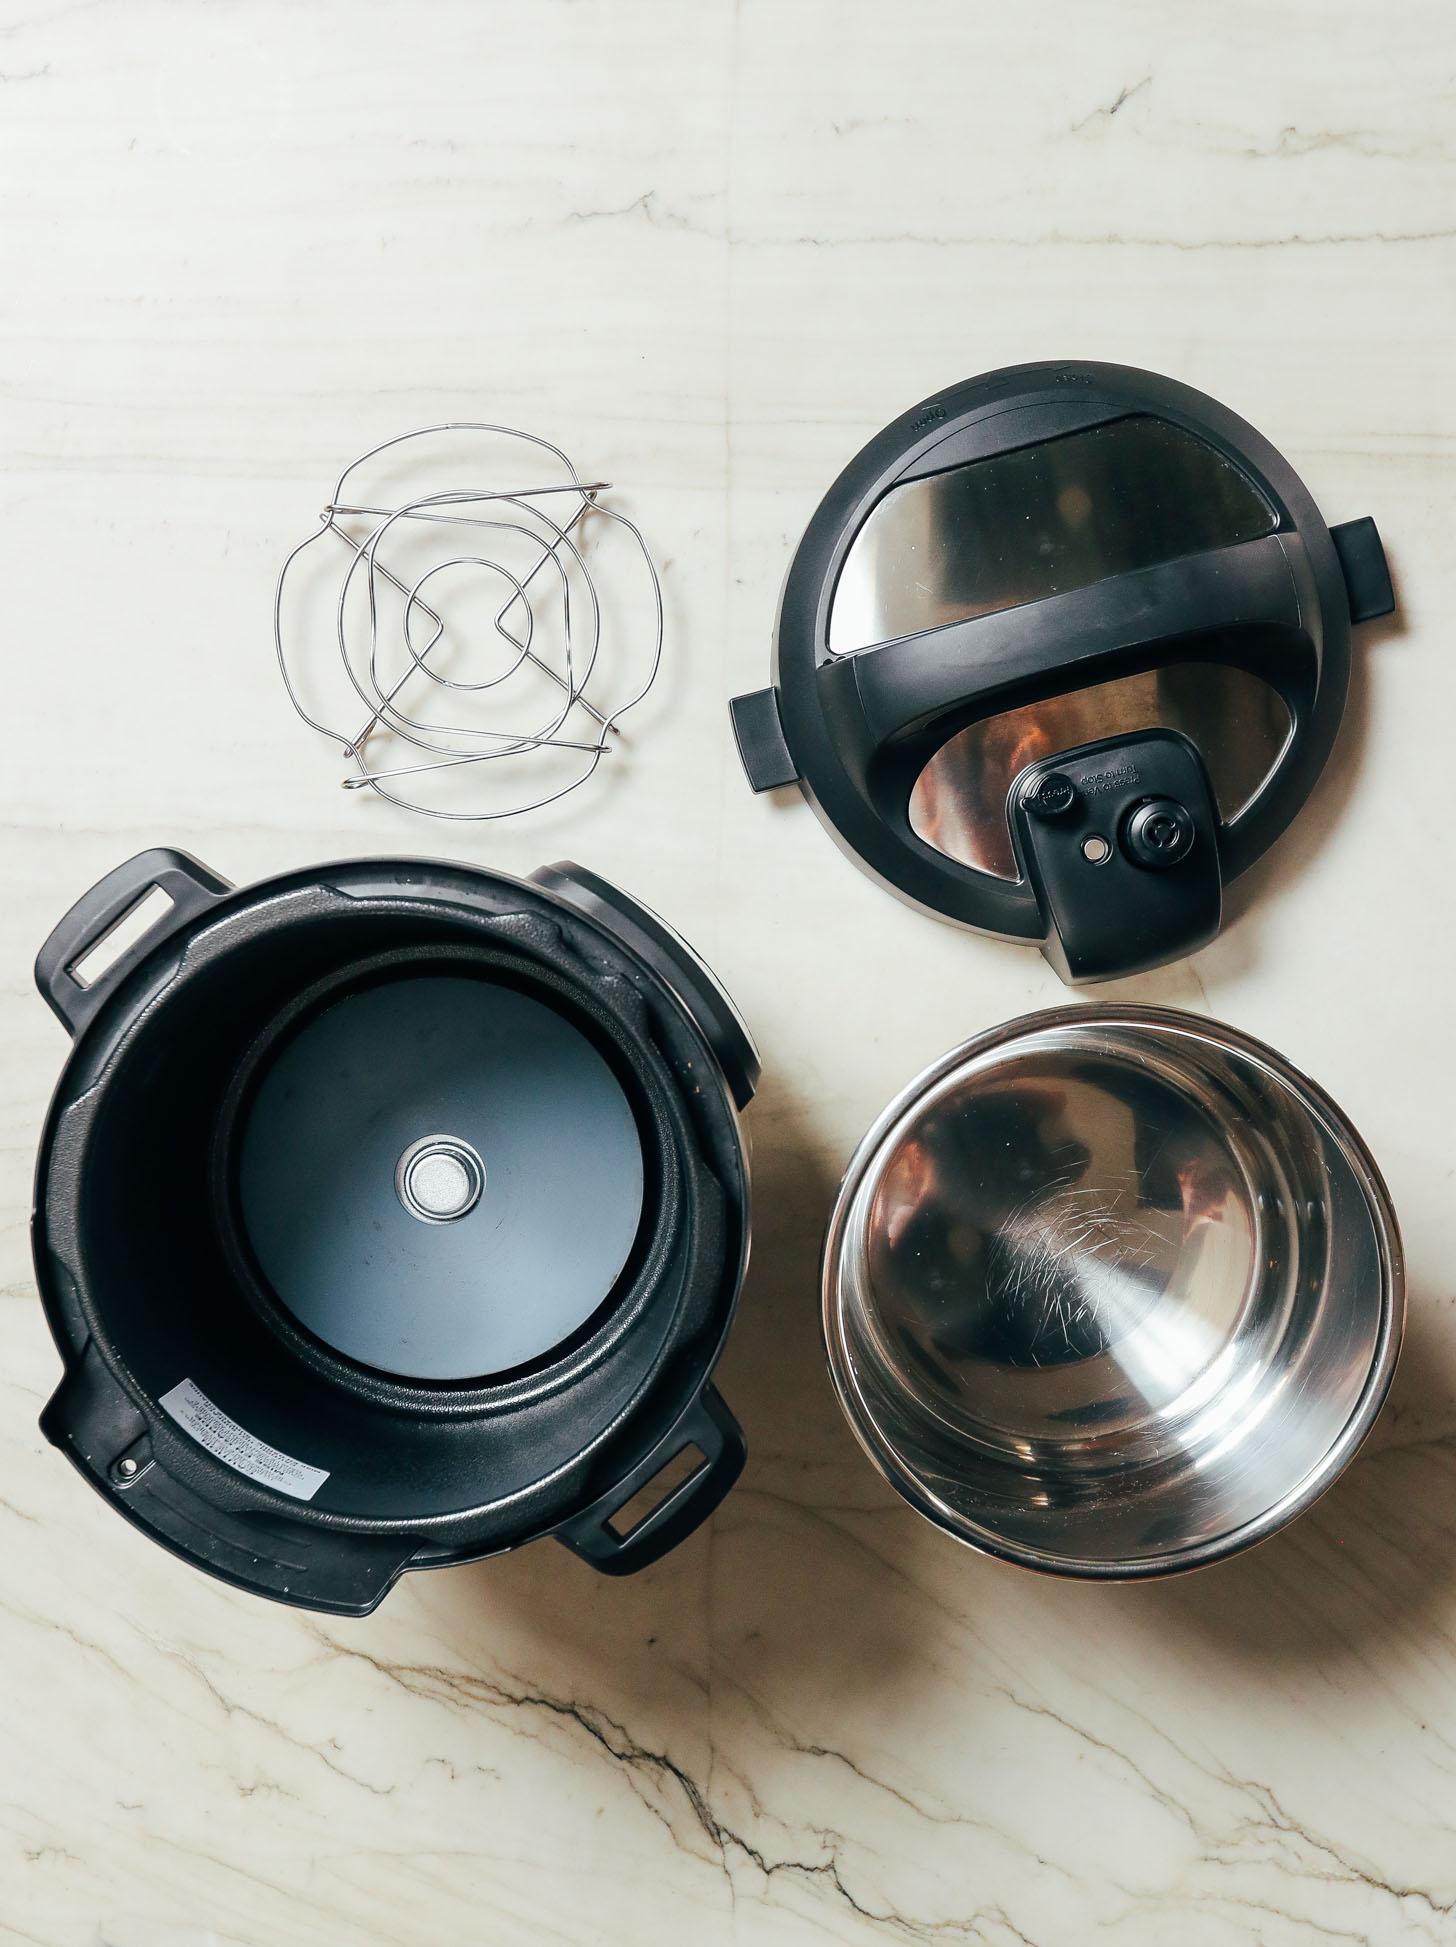 Couvercle de pot instantané, dessous de plat, pot et base